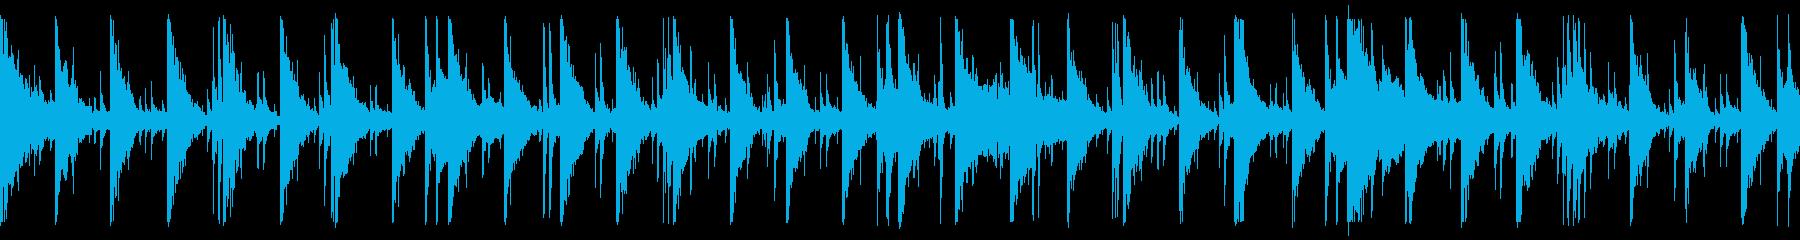 戦国時代の陣幕内の緊張感を表した和太鼓曲の再生済みの波形